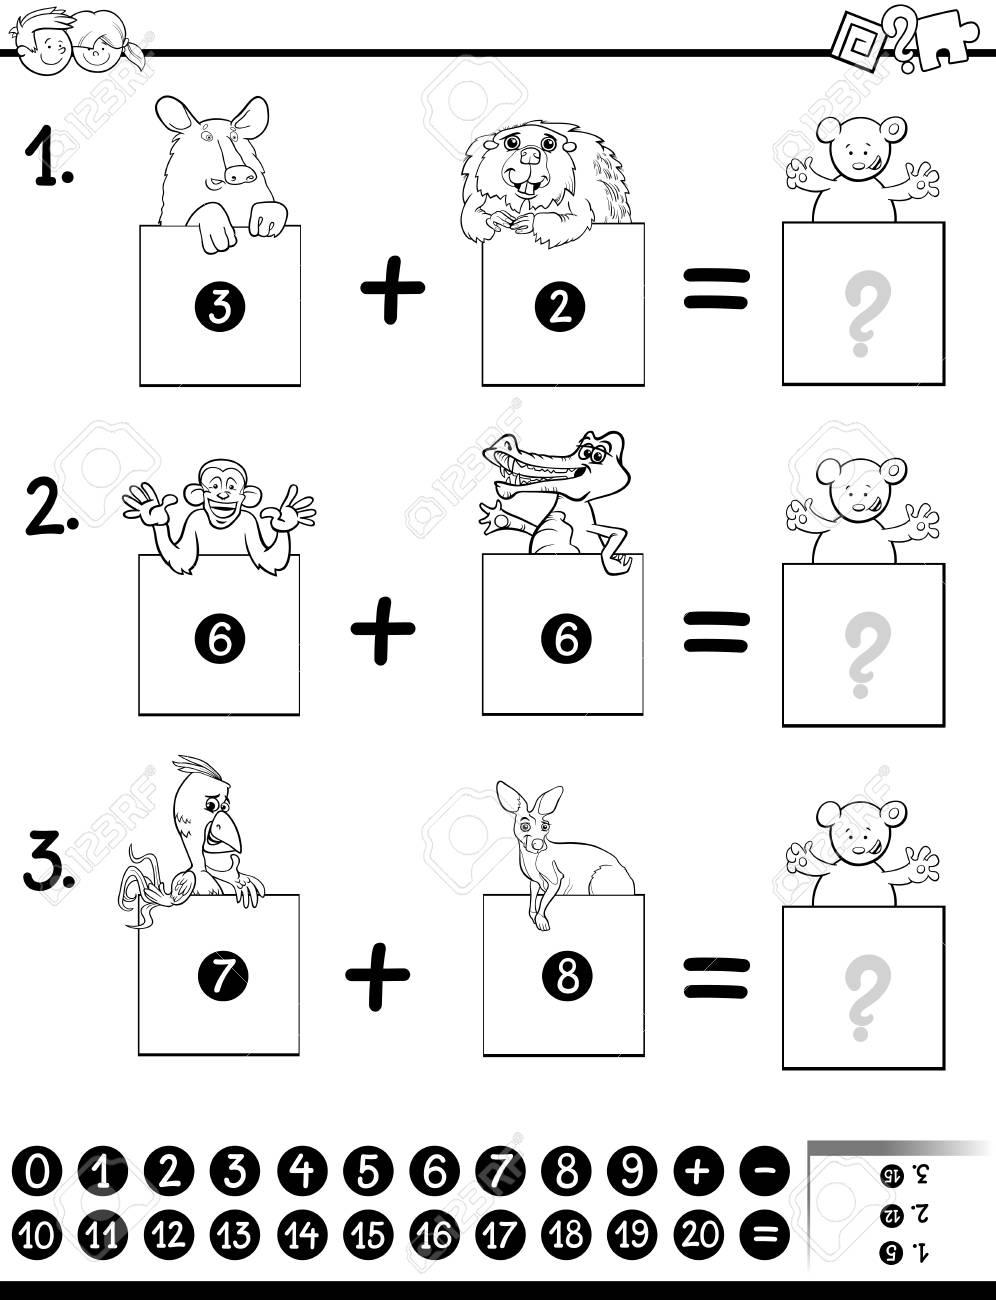 Ilustración De Dibujos Animados En Blanco Y Negro Del Juego De